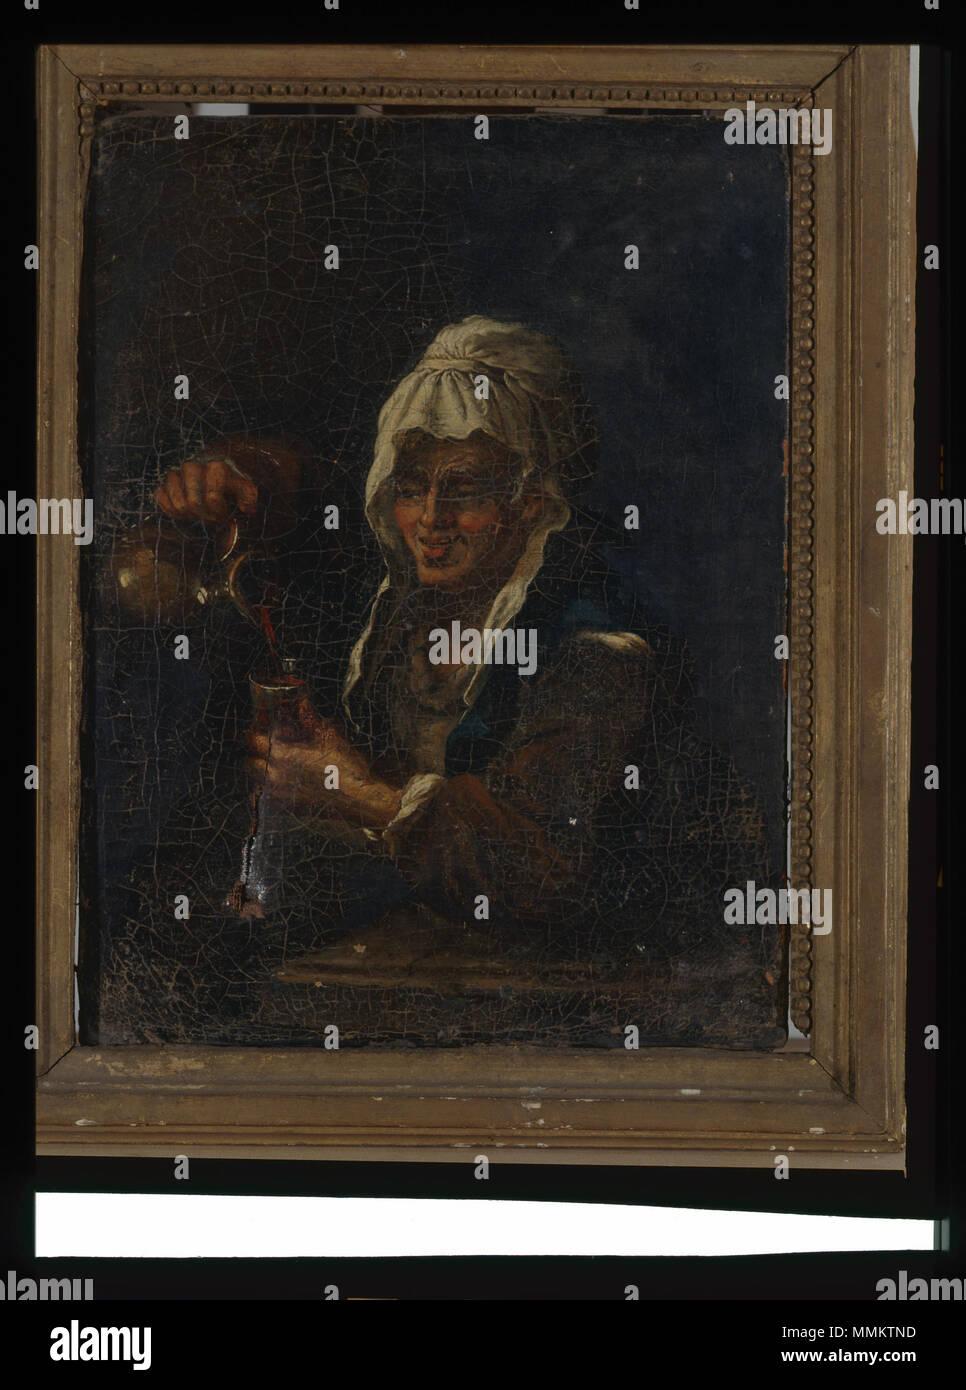 Buveuse - anonyme - musée d'art et d'histoire de Saint-Brieuc, DOC 106 Banque D'Images